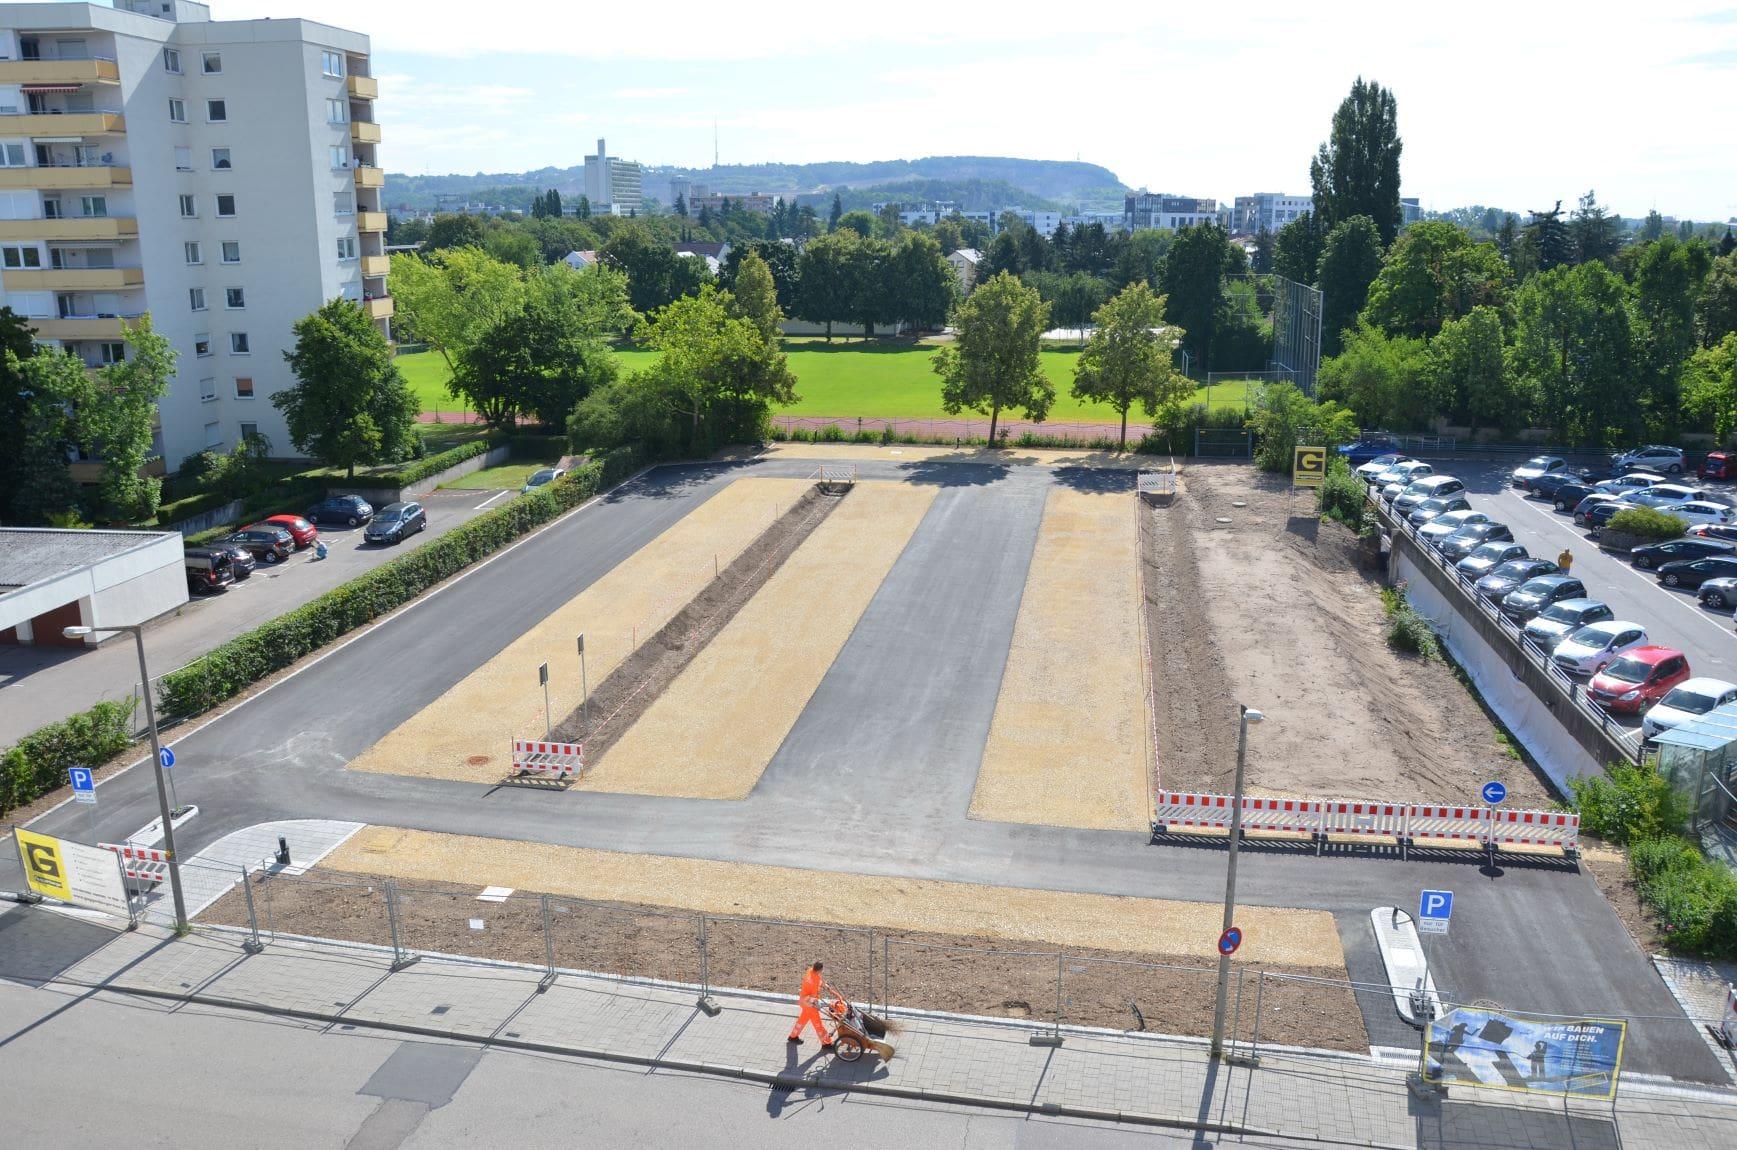 Zusätzliche Parkmöglichkeit am Landratsamt Regensburg Kostenlose Besucherstellplätze auf dem Gelände der ehemaligen Kfz-Zulassungsstelle